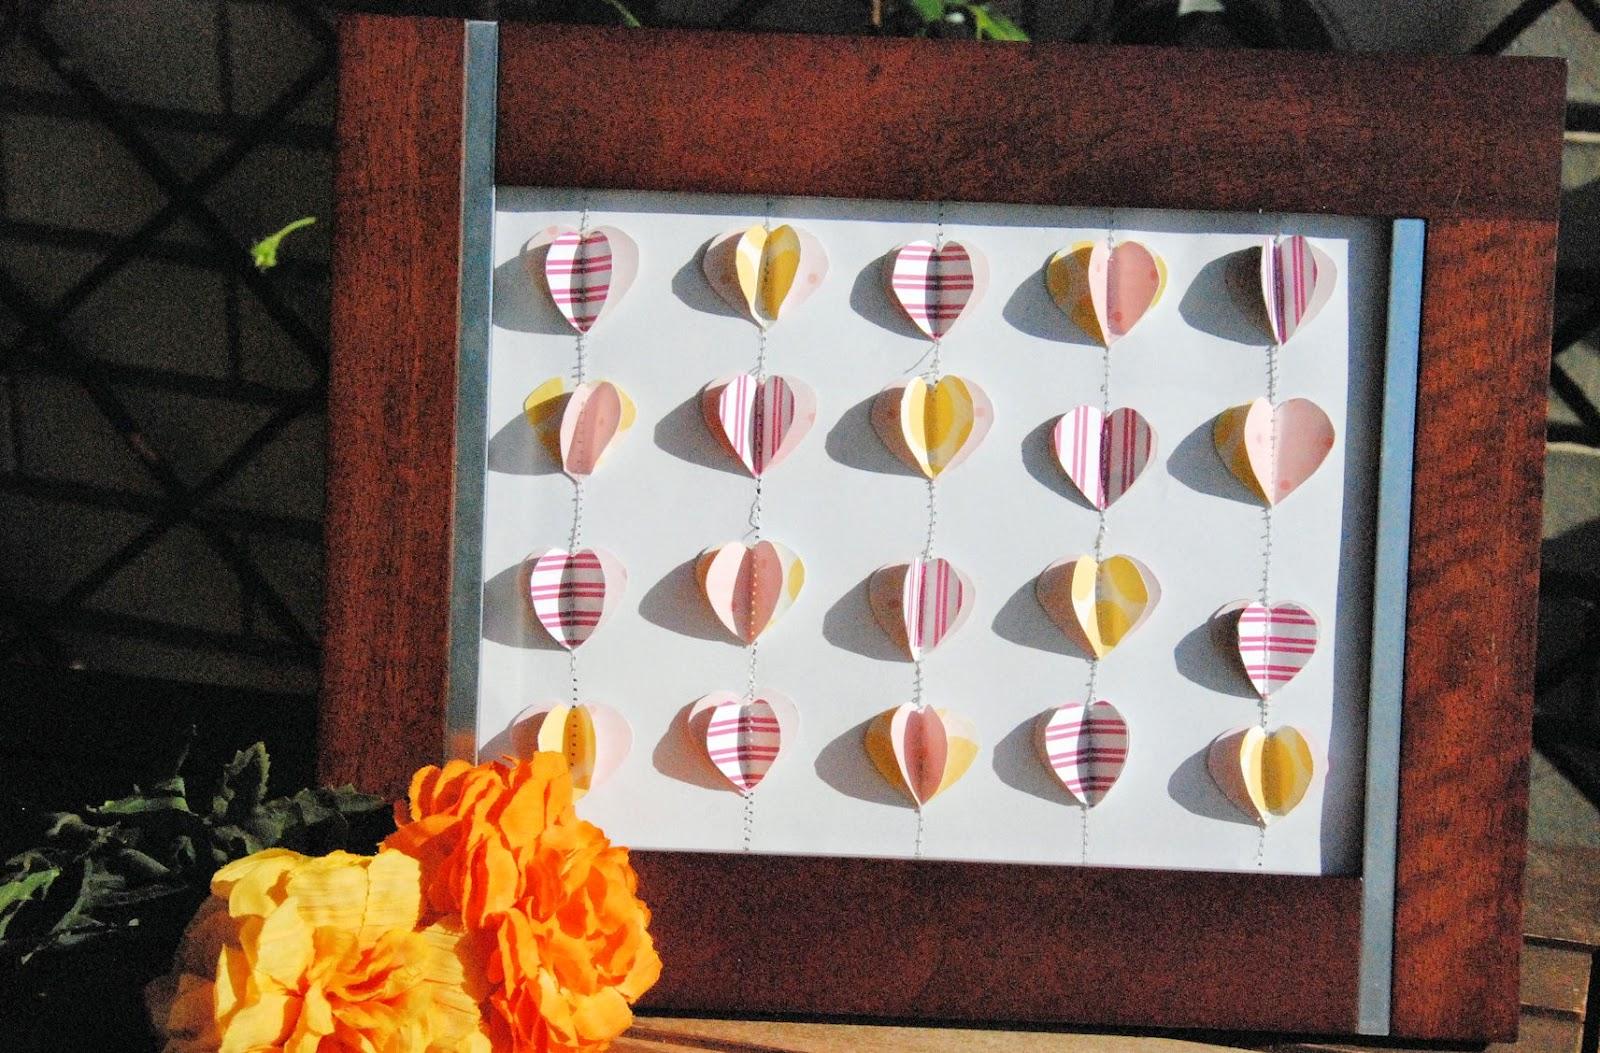 http://milnubesdecolores.blogspot.com.es/2014/04/un-cuadro-con-mucho-amor-diy.html